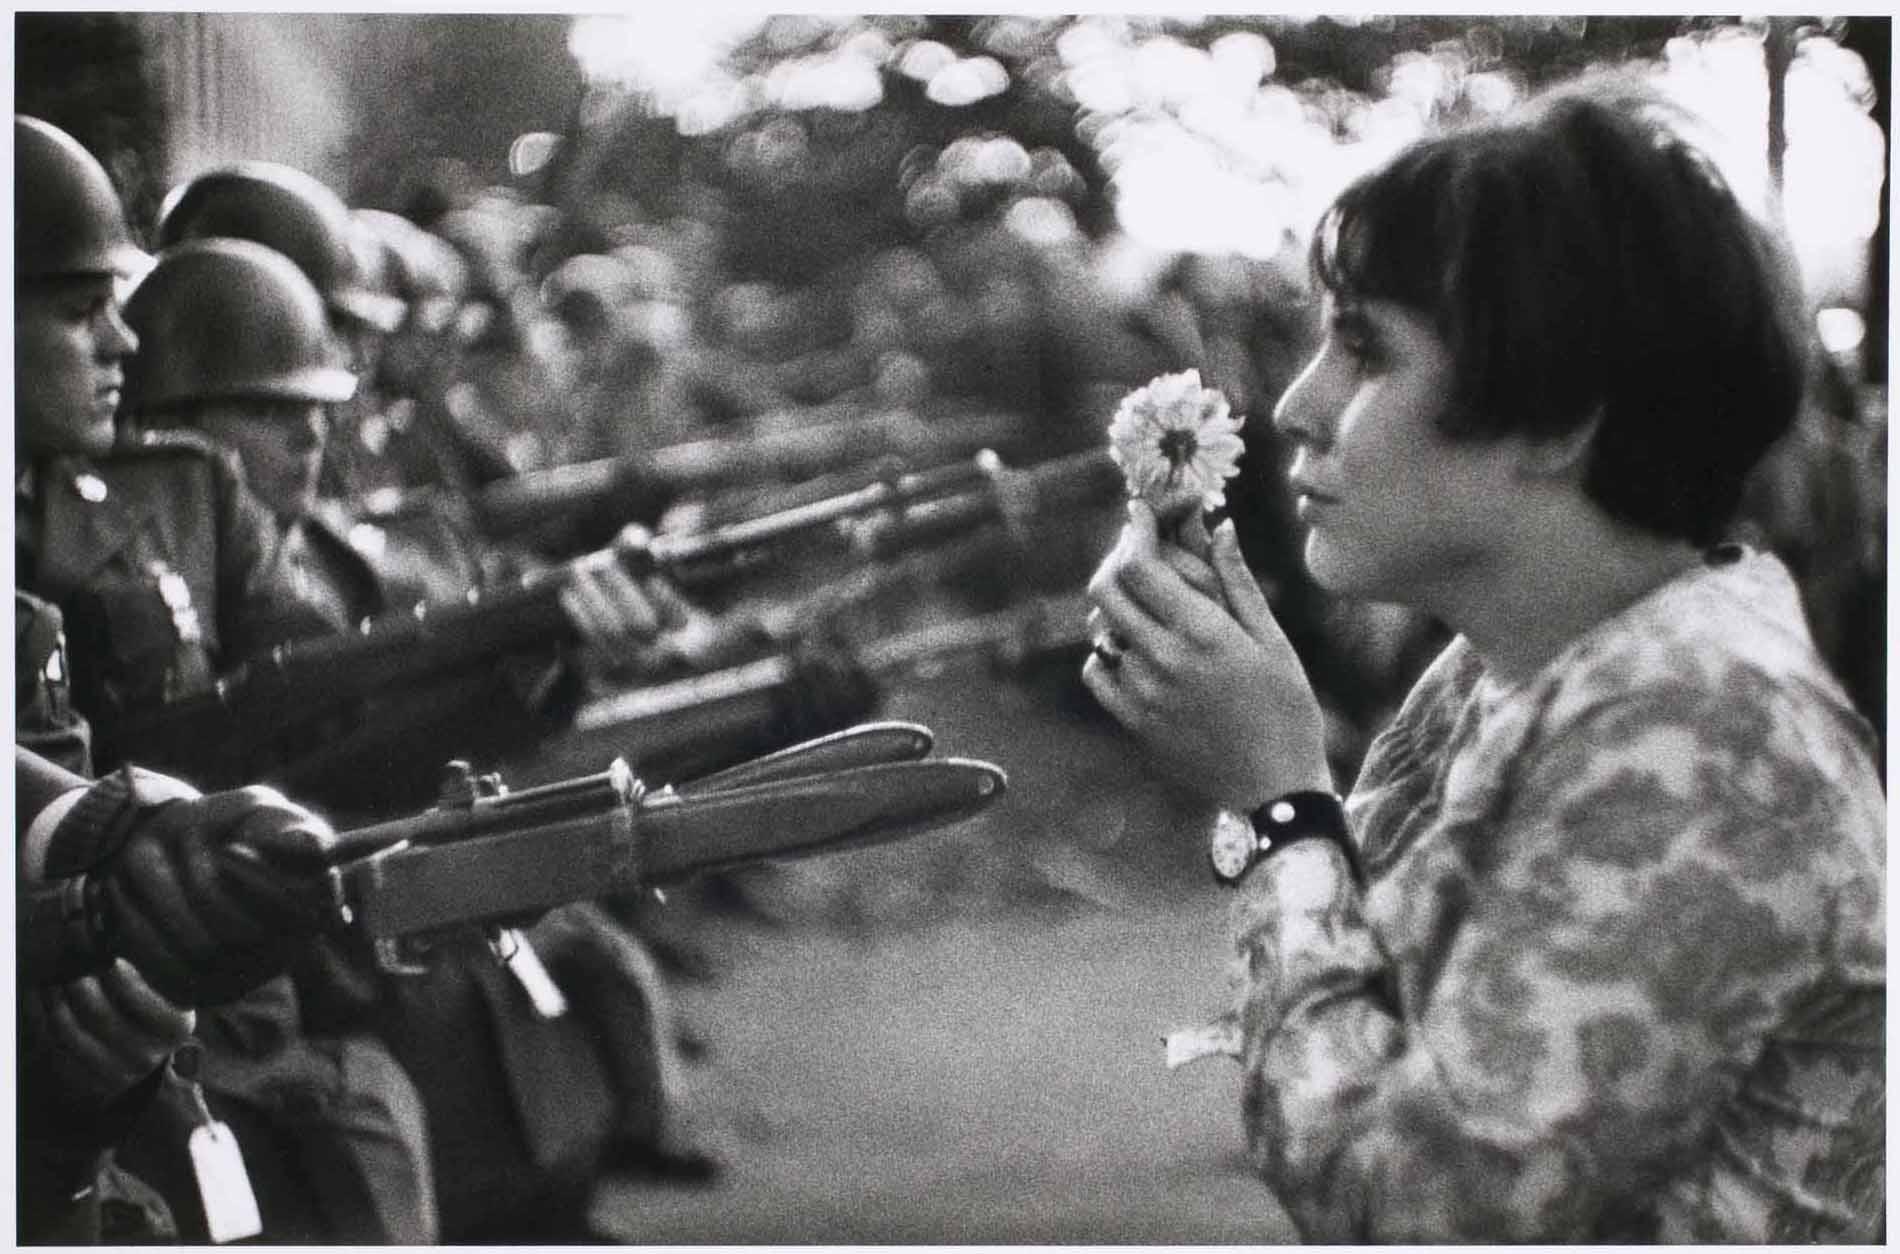 El fotógrafo de la semana: Marc Riboud